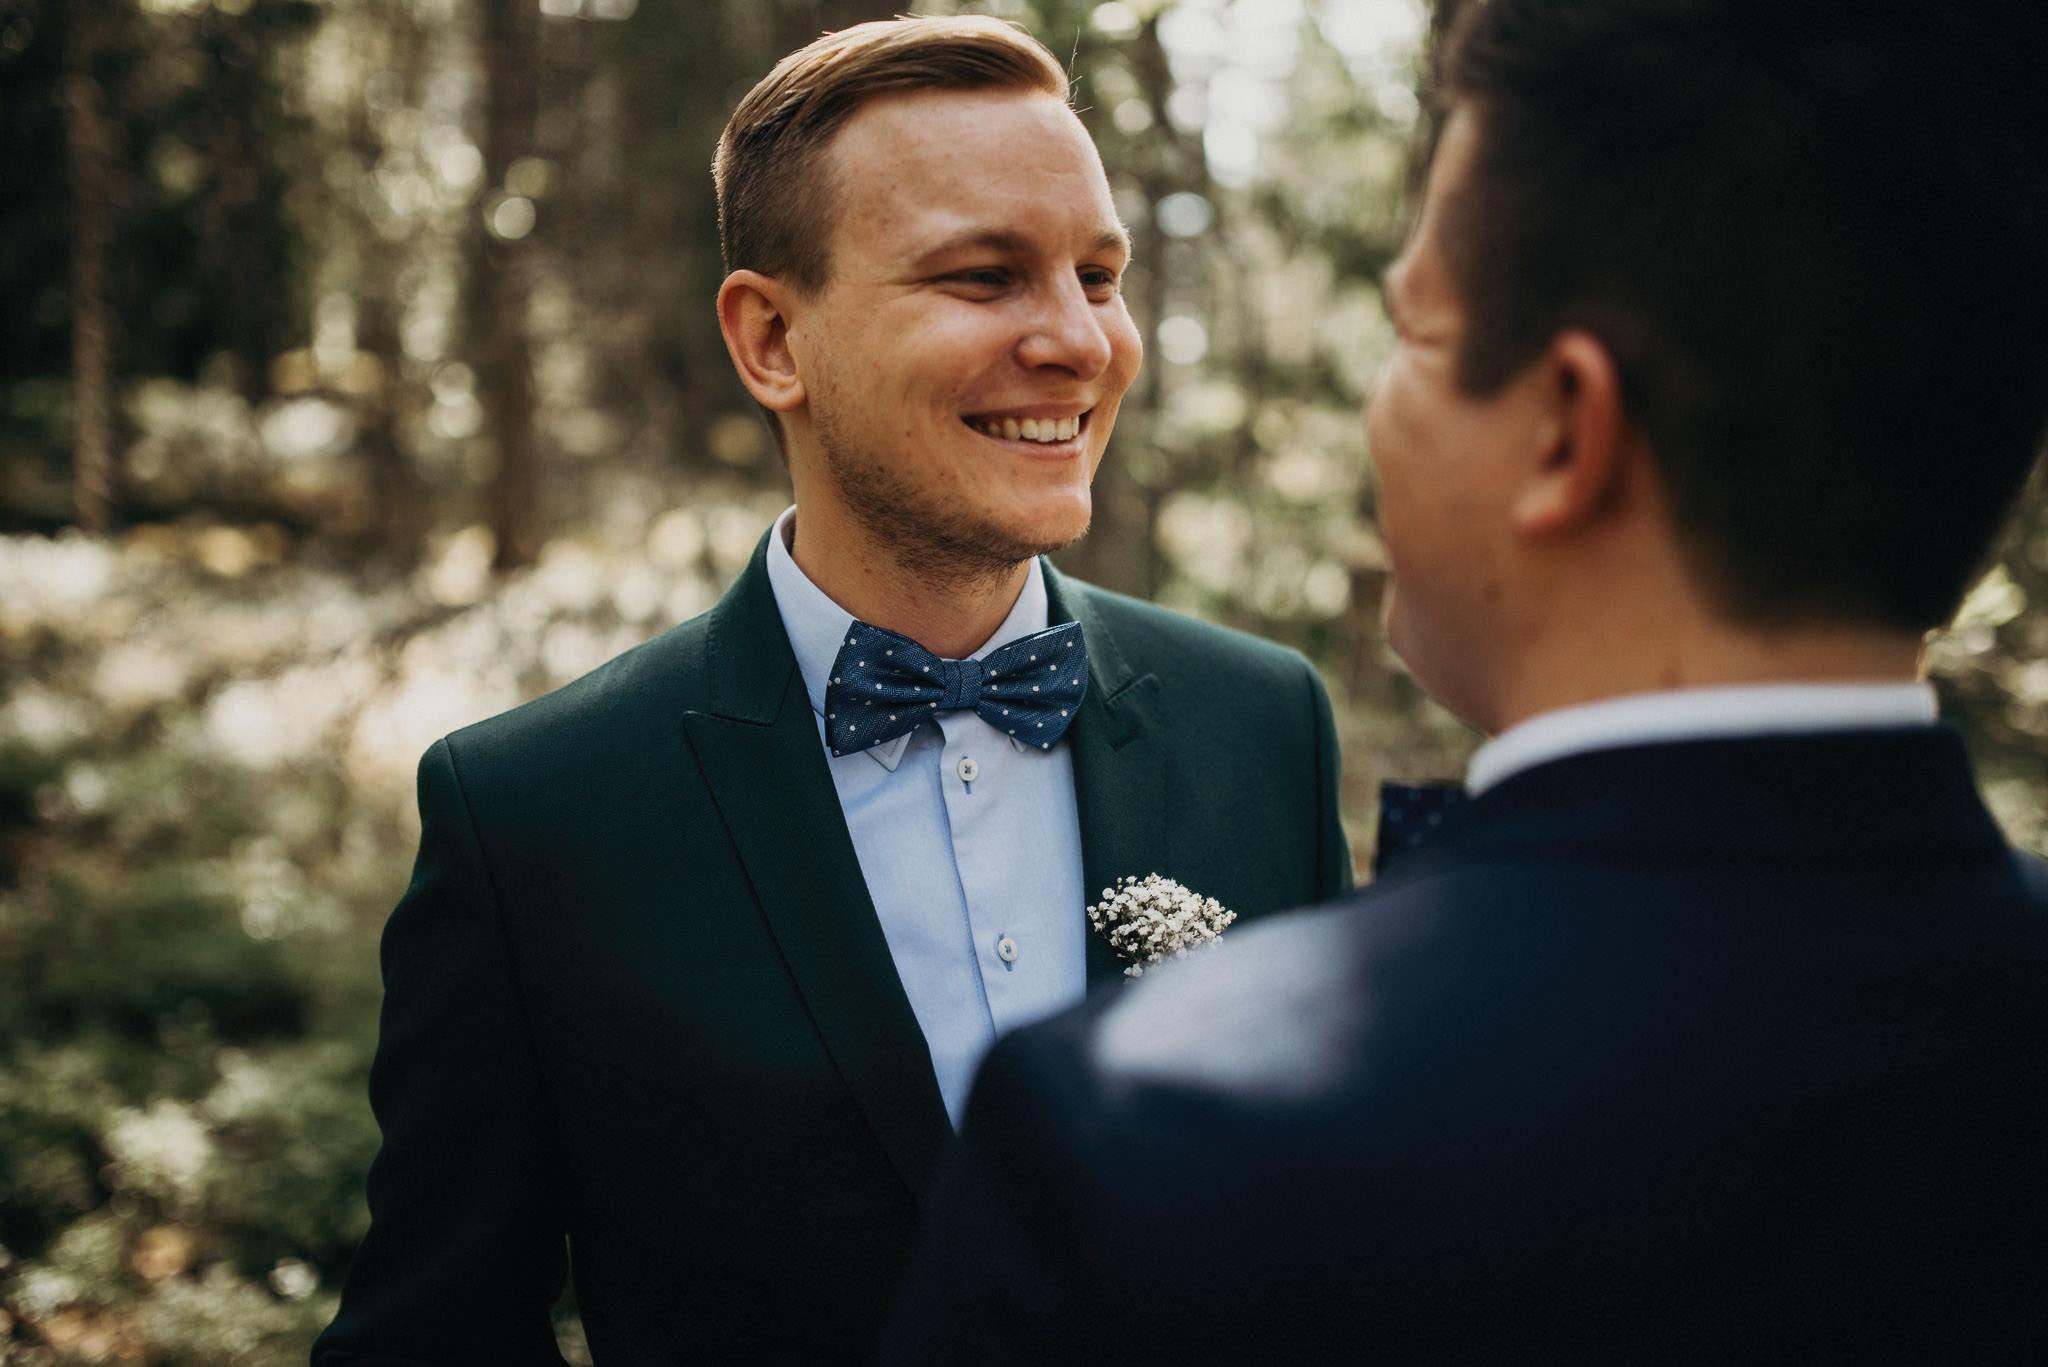 jere-satamo-ruissalo-haat-samesex-wedding-valokuvaaja-turku-041web.jpg